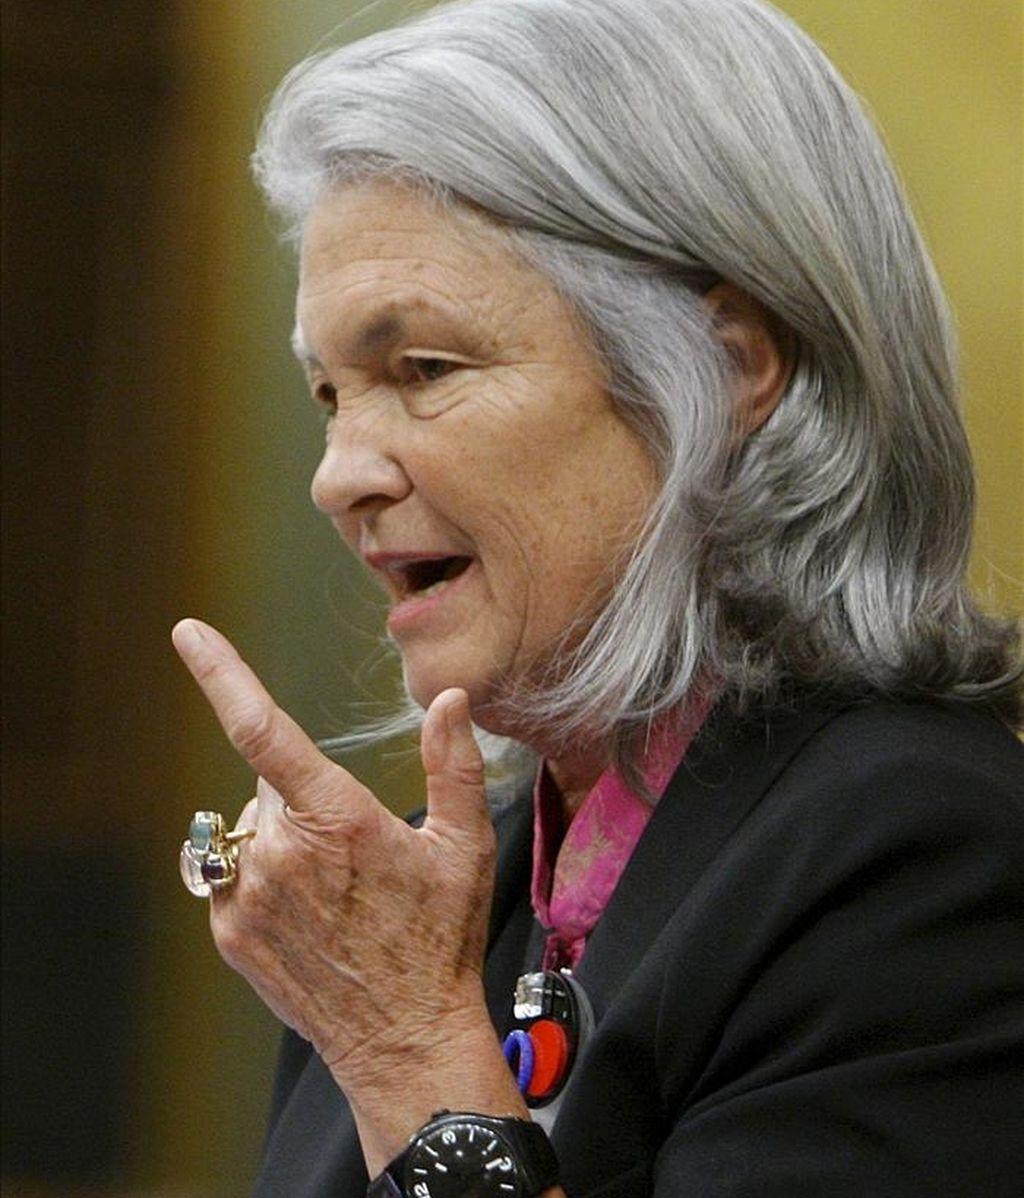 La portavoz de Defensa del PP en el Congreso, Beatriz Rodríguez Salmones. EFE/Archivo